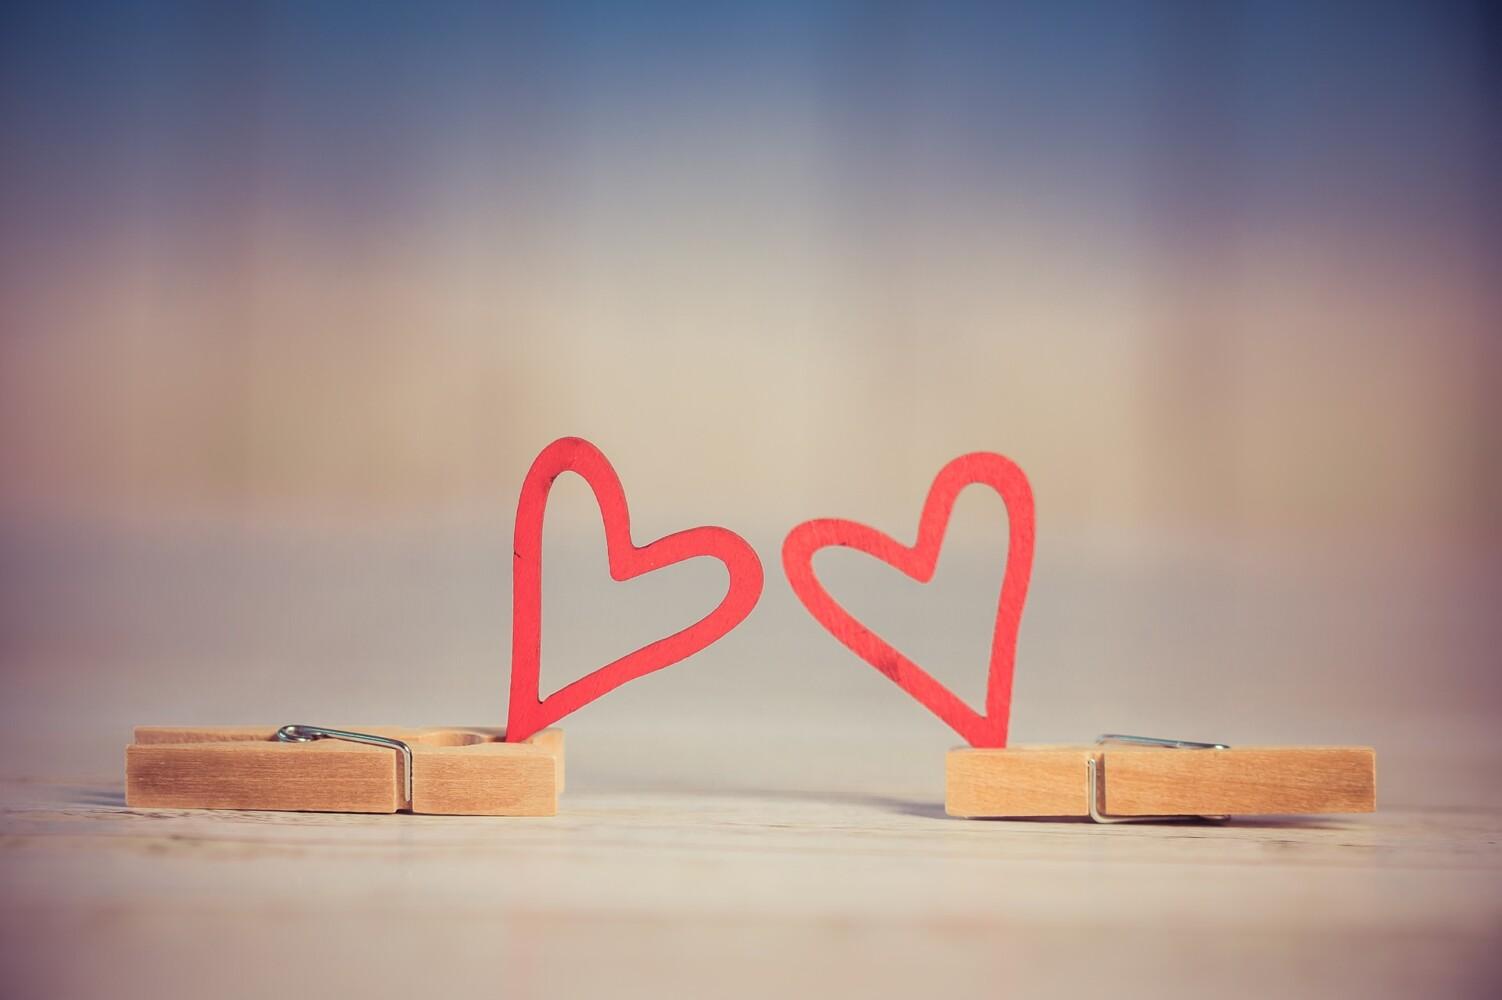 5x de mooiste liefdeslessen uit songteksten